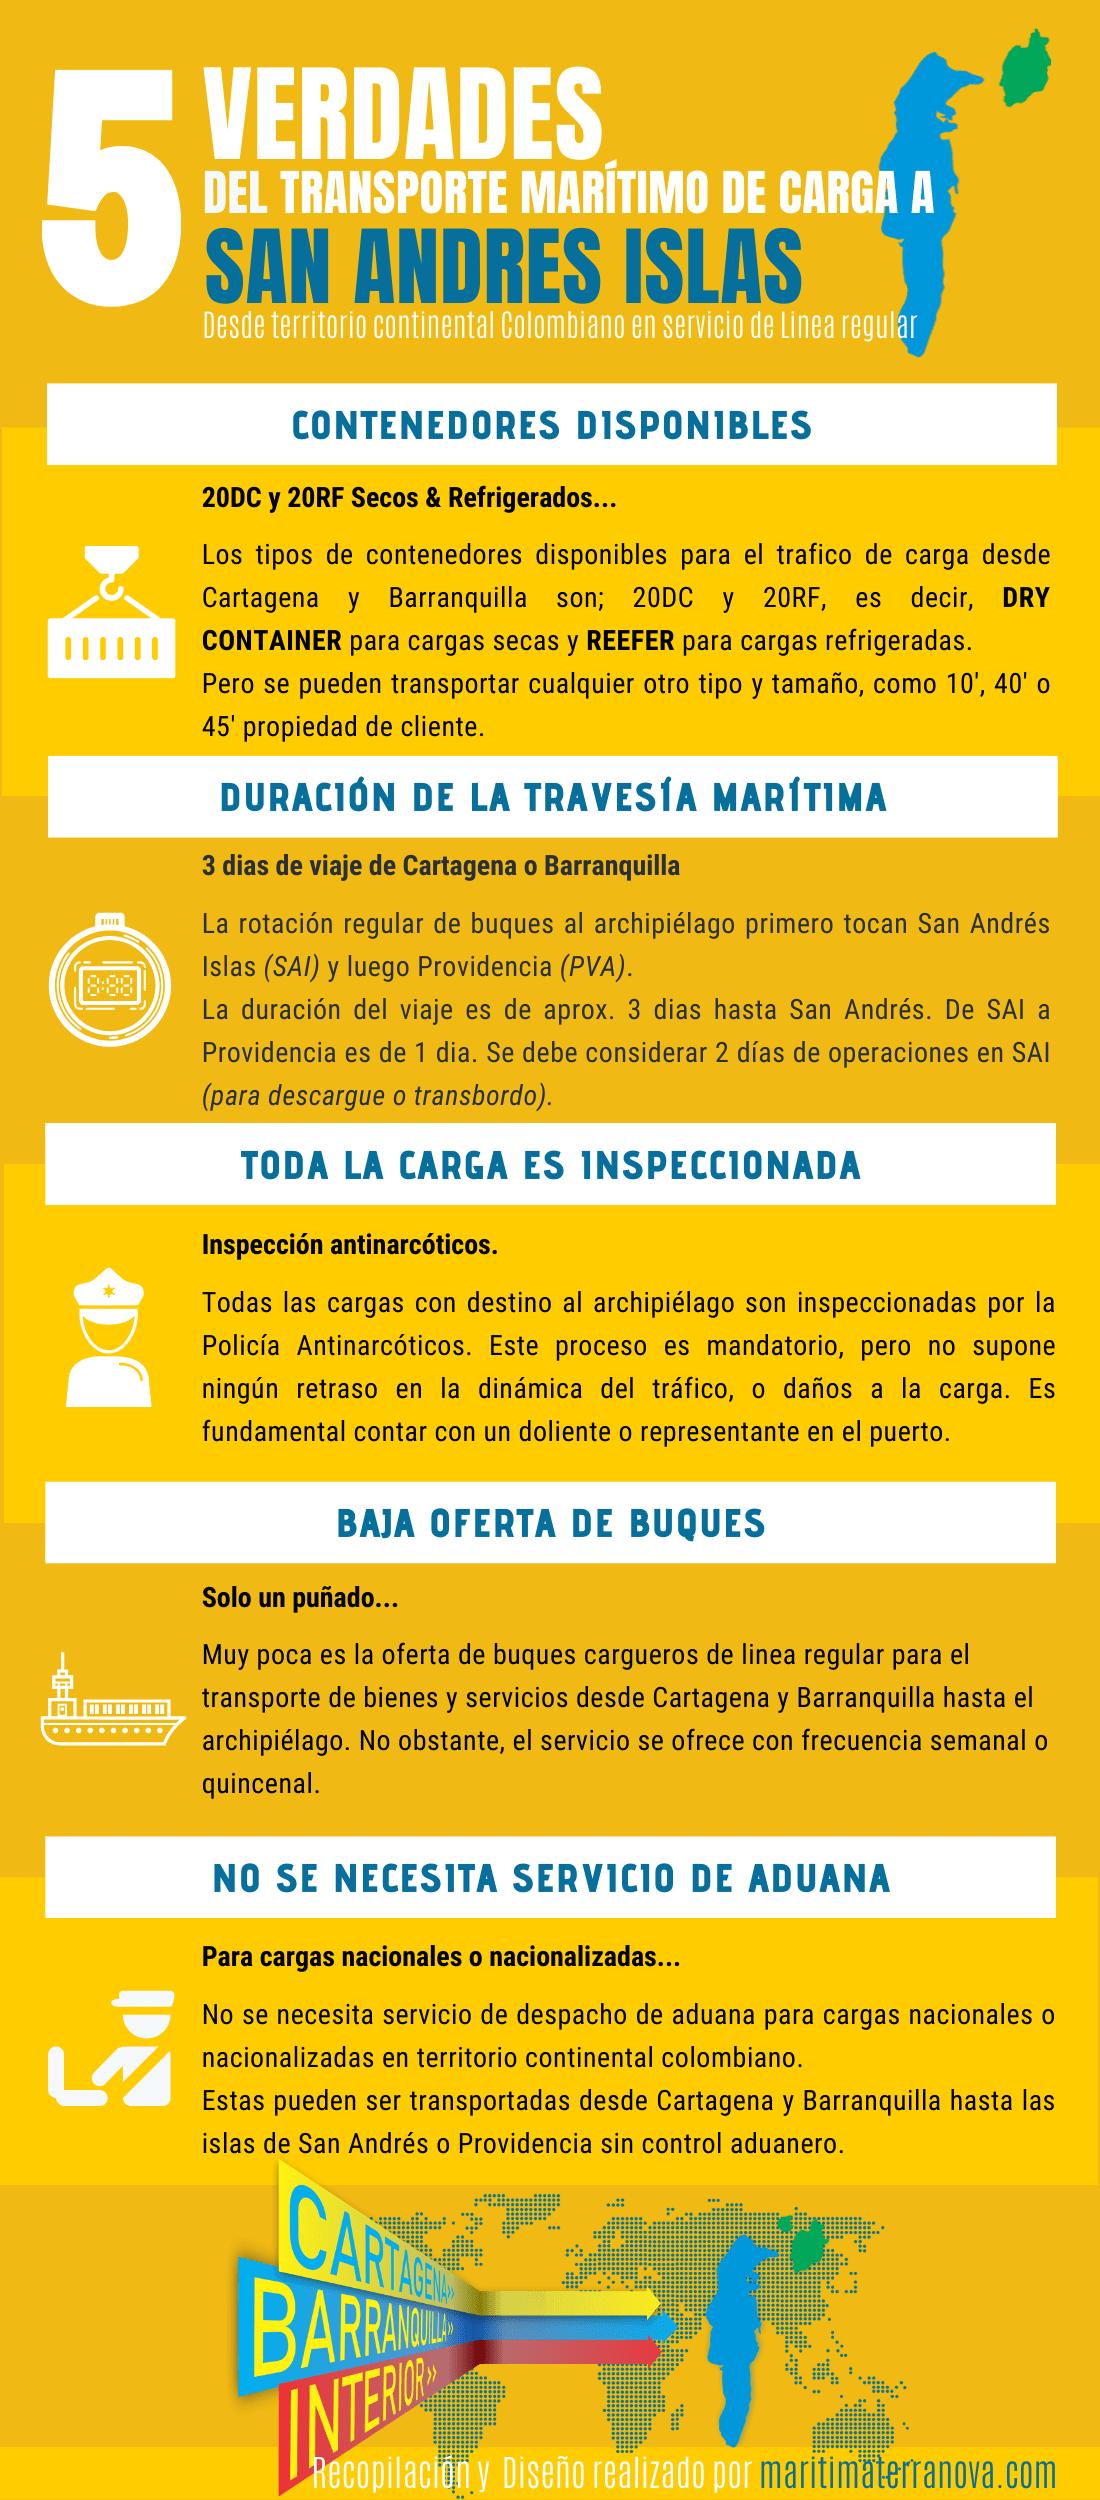 5 Verdades del transporte maritimo de carga a San andres islas